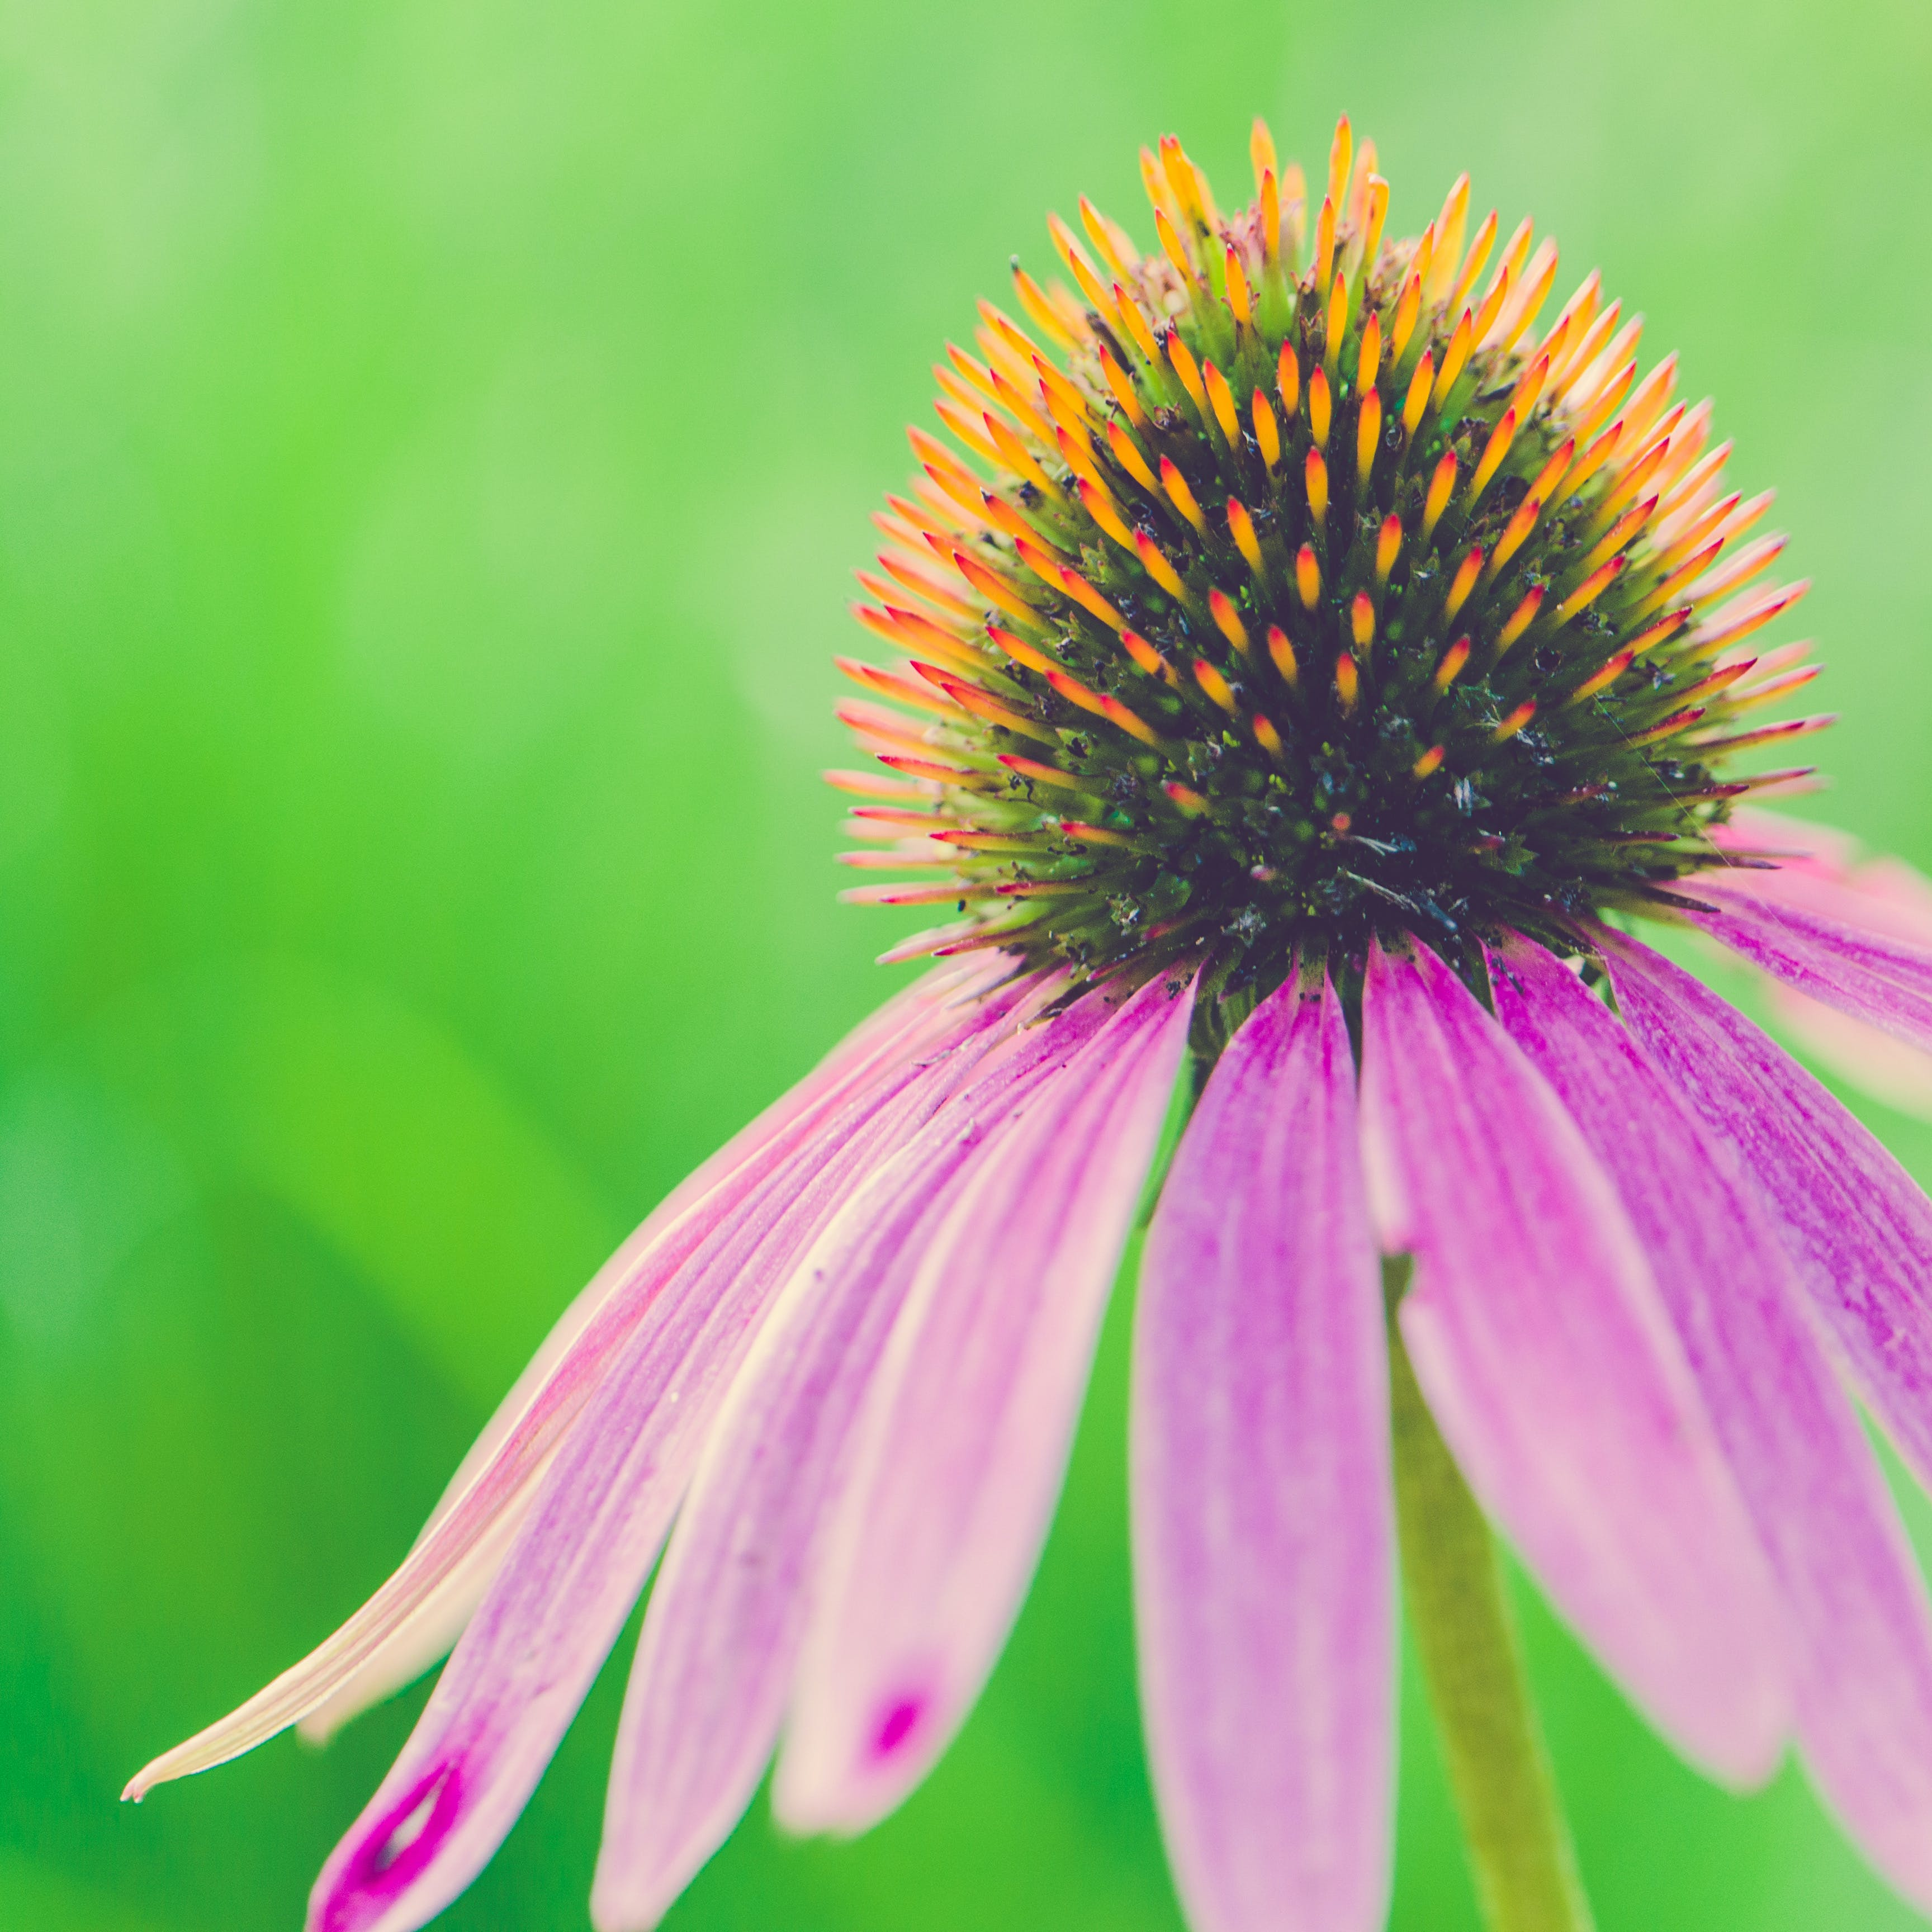 về cận cảnh, cánh hoa, chụp ảnh thiên nhiên, coneflower